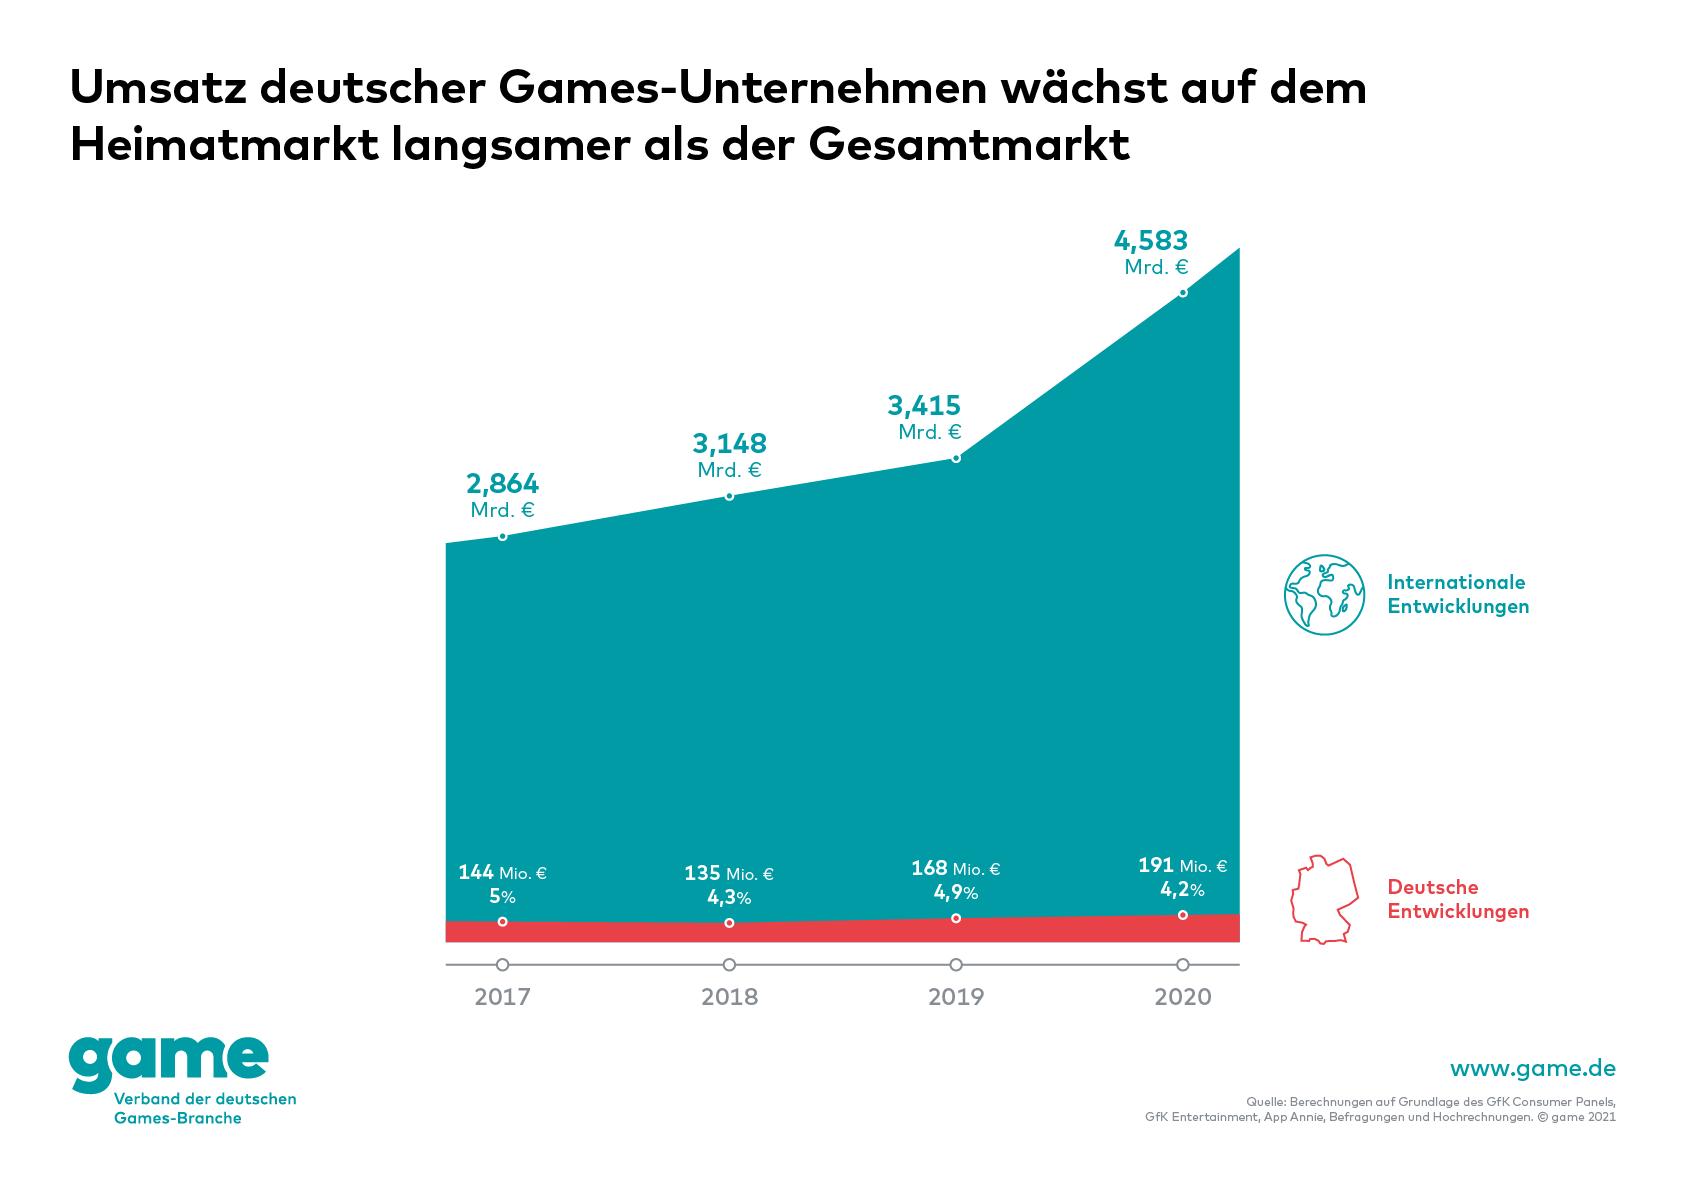 Wachstum deutscher Games-Unternehmen im Verhältnis zum deutschen Games-Markt